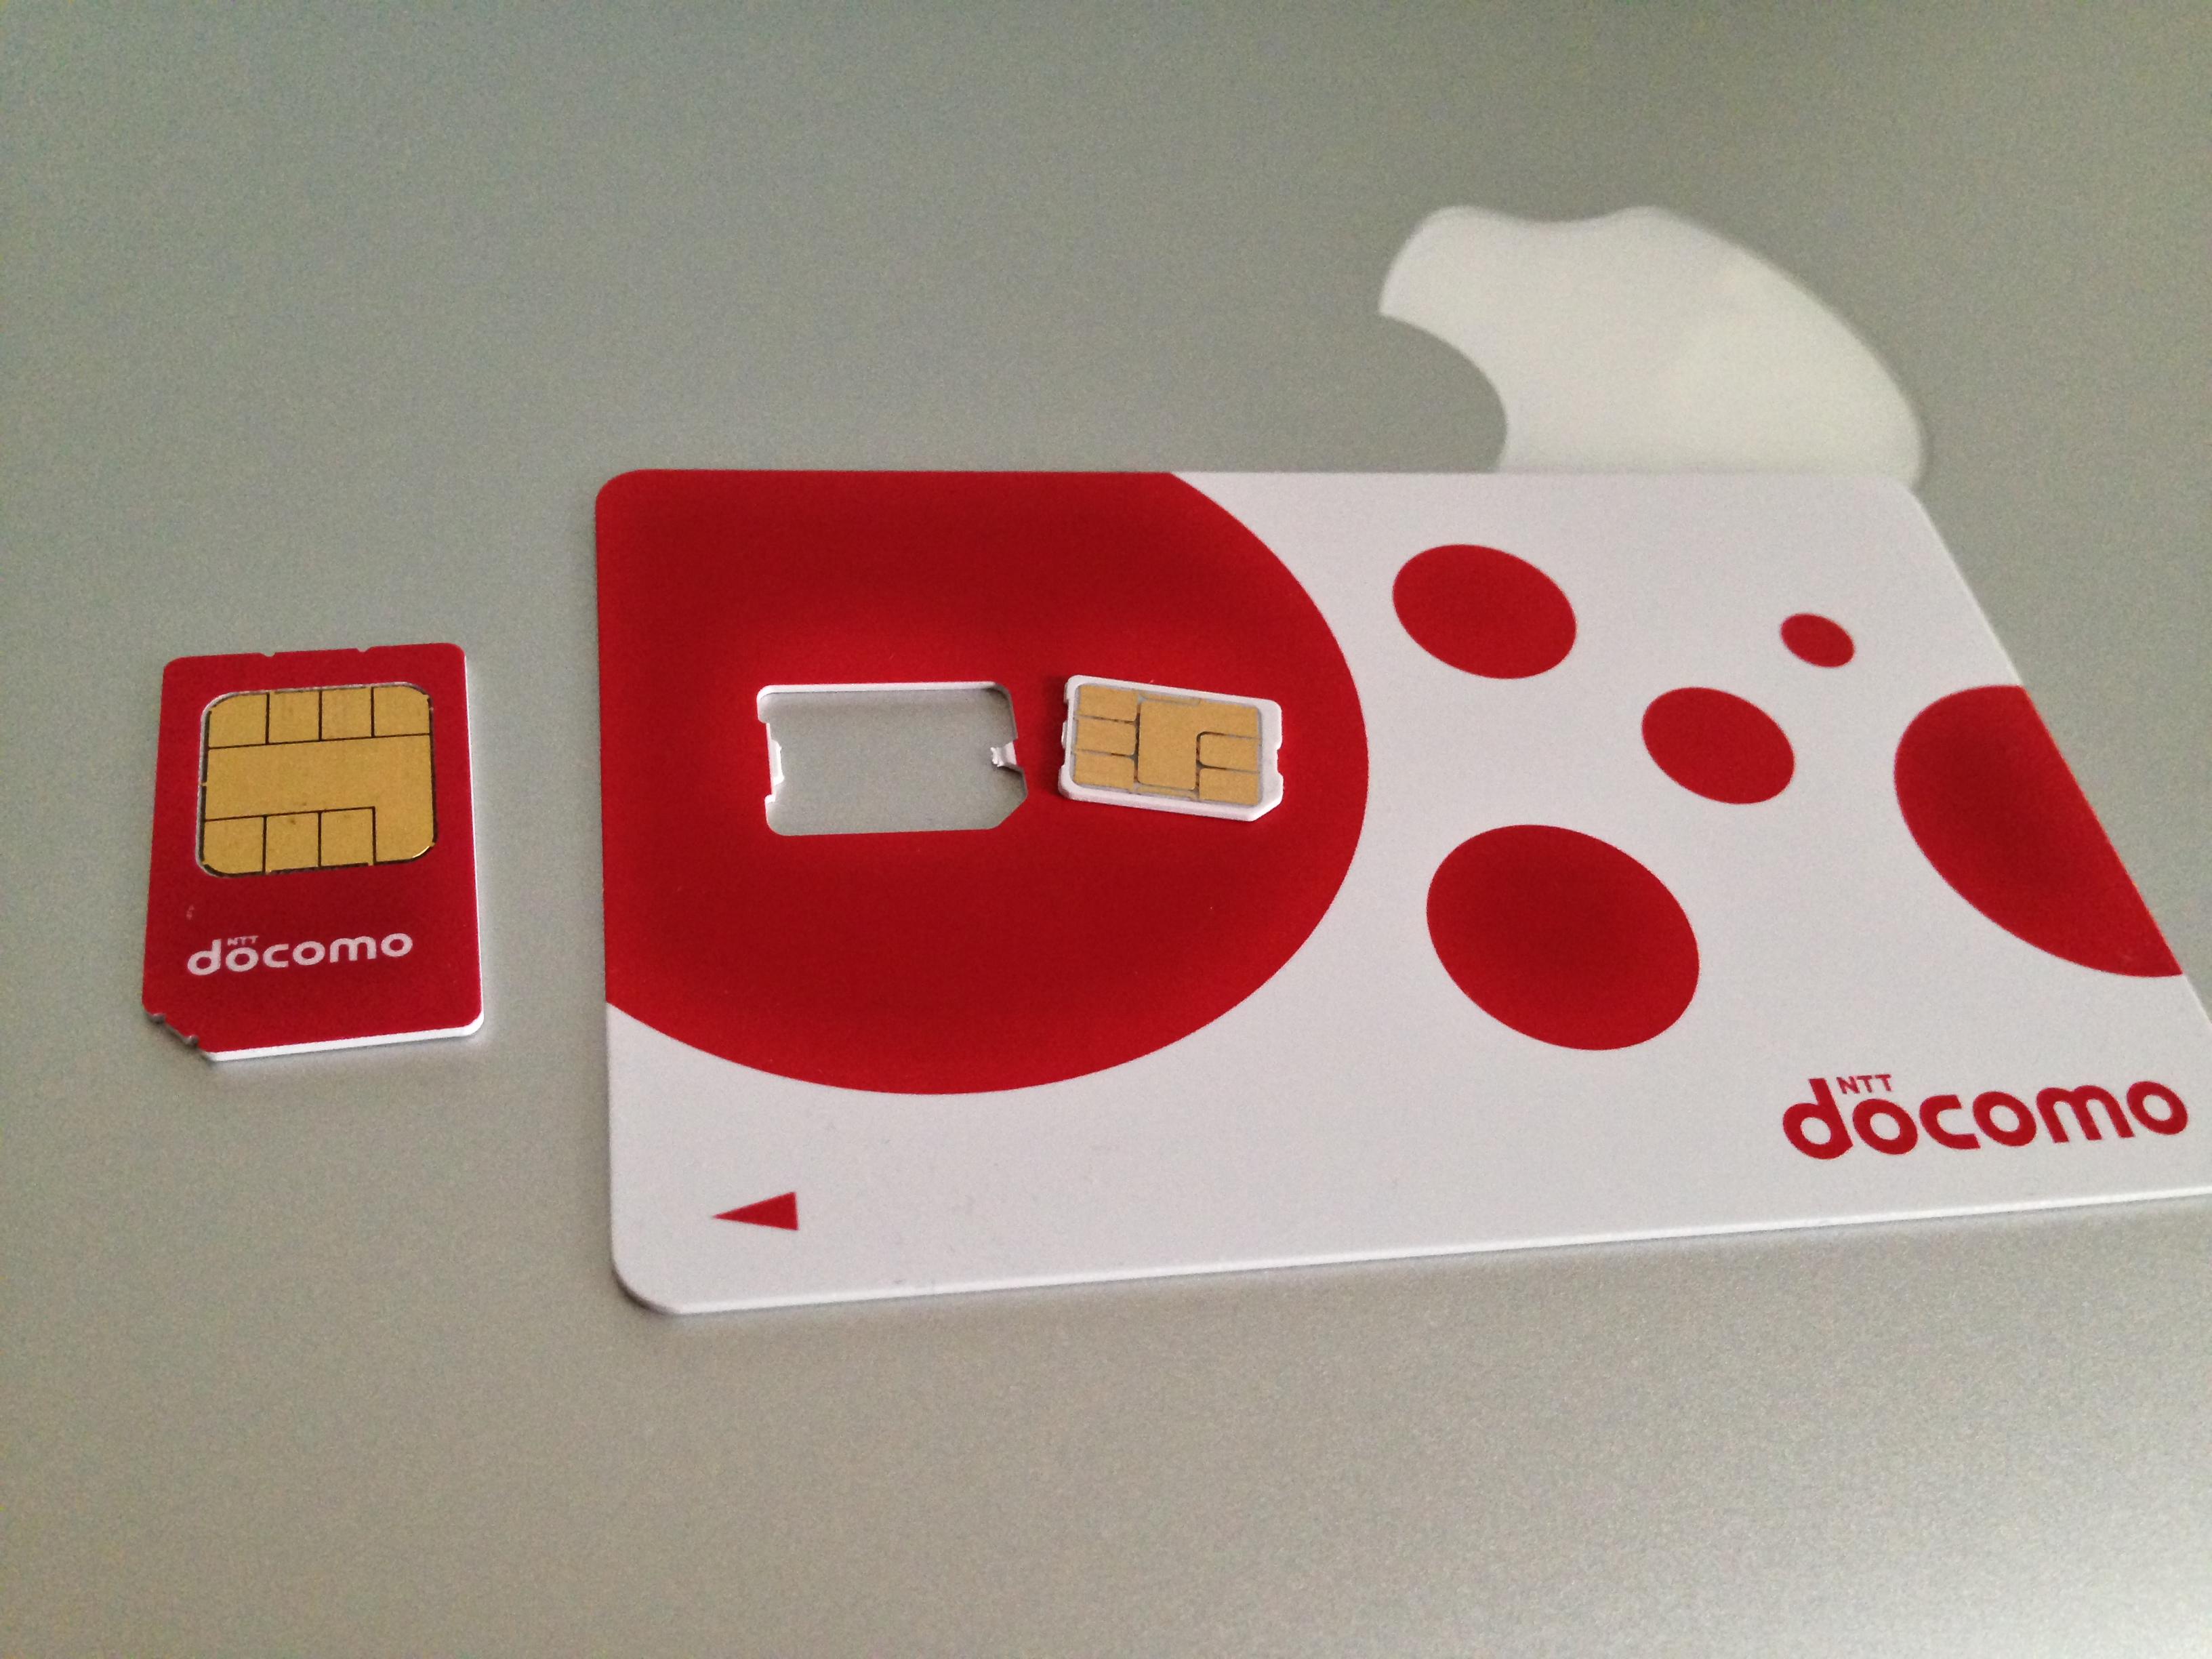 ドコモのnanoSIMを使ってiPhone5を利用する方法のまとめ